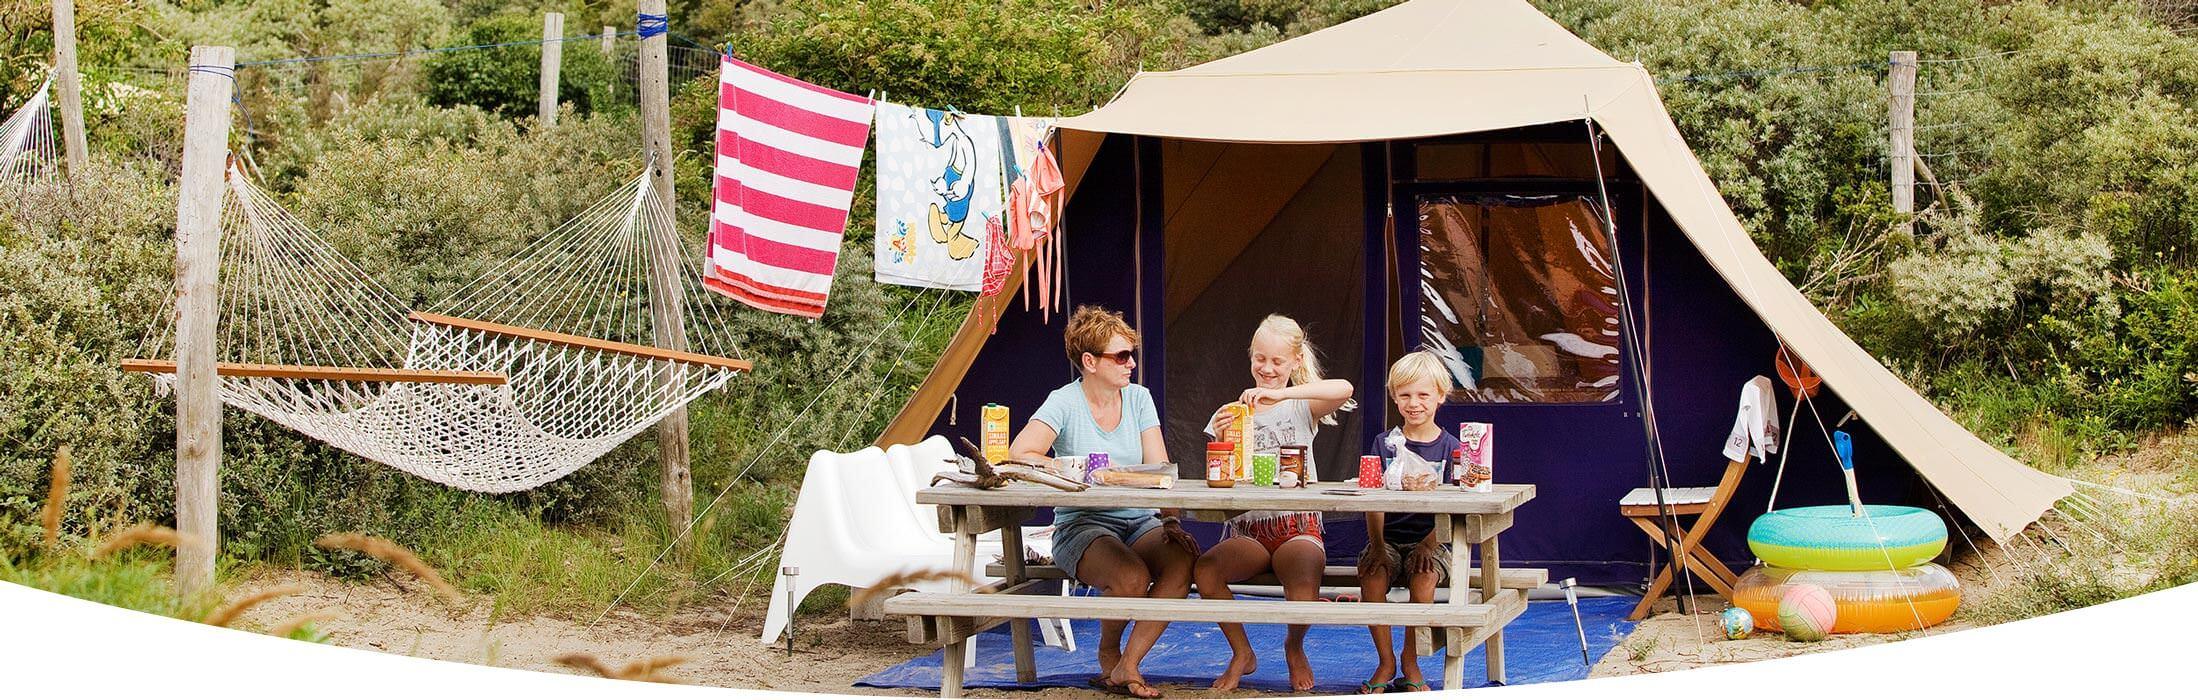 Hängmatta för campingplatser och hotell